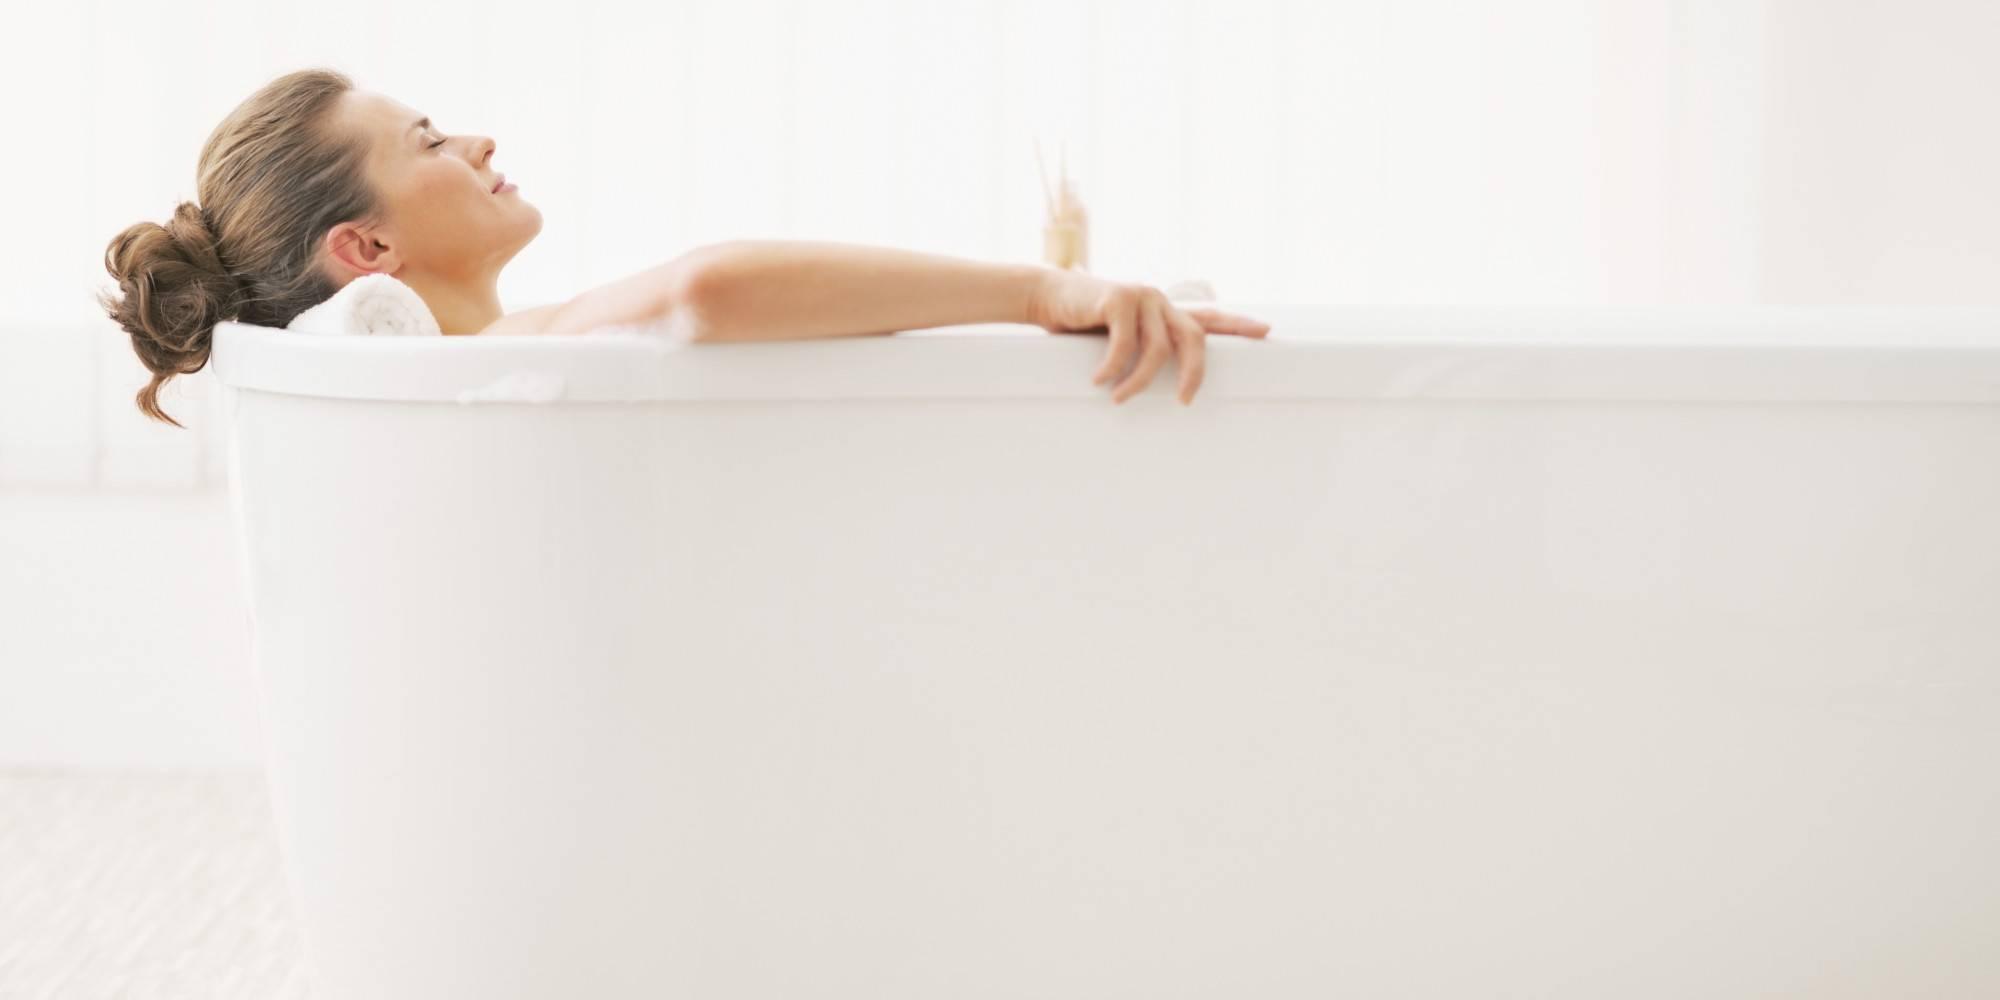 Горячая ванна при цистите: можно или нельзя пнринмать ванны